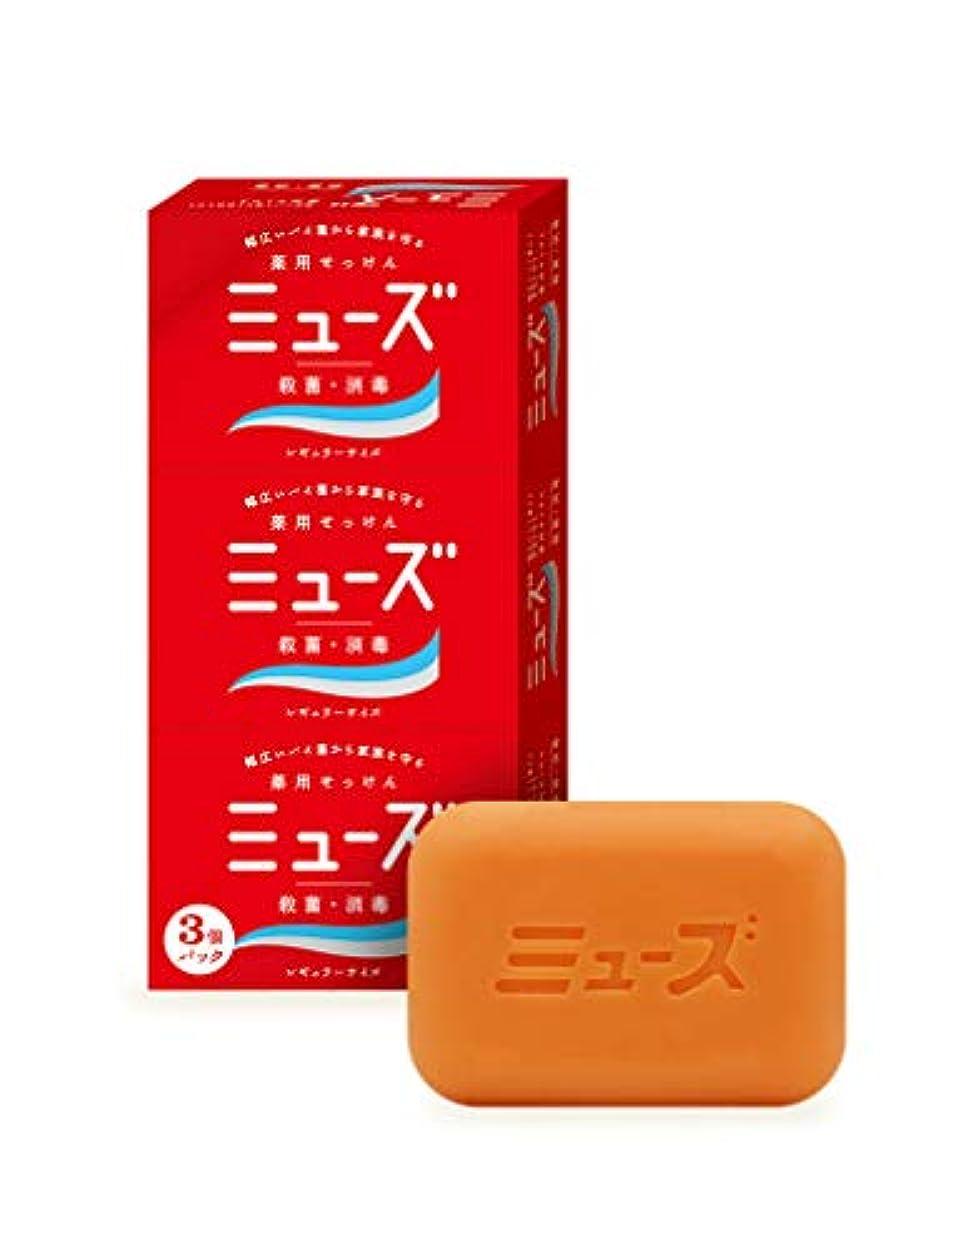 階下排除する洪水【医薬部外品】ミューズ石鹸 レギュラー 95g×3個パック